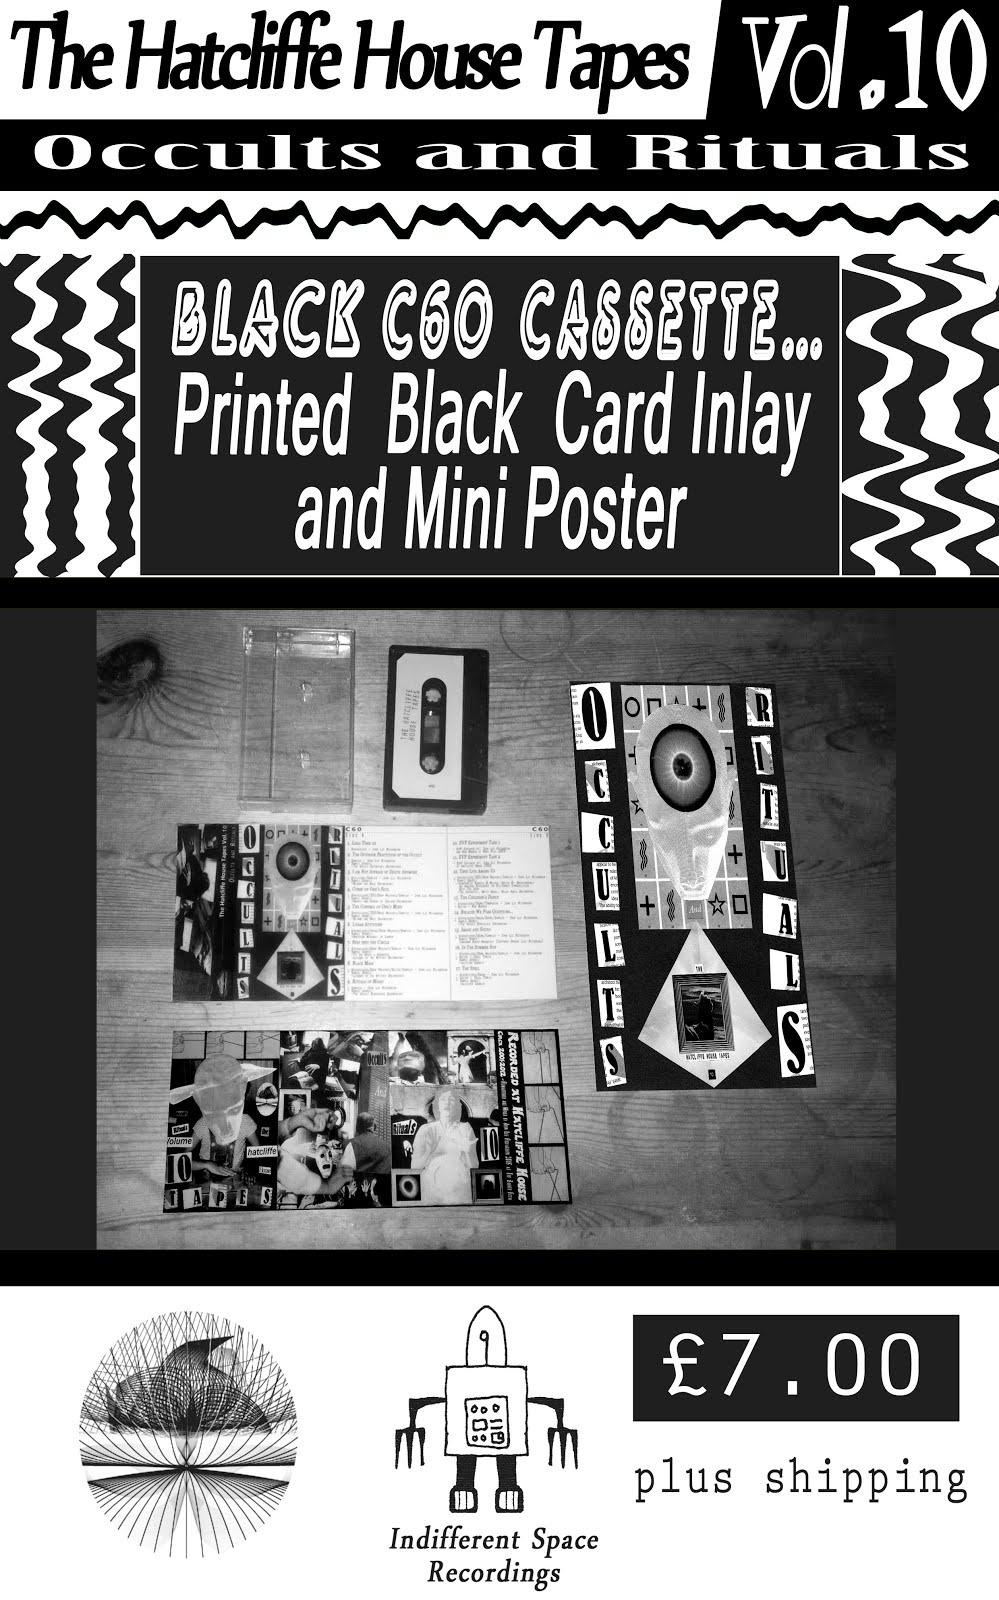 Volume 10 (C60 Black Cassette)